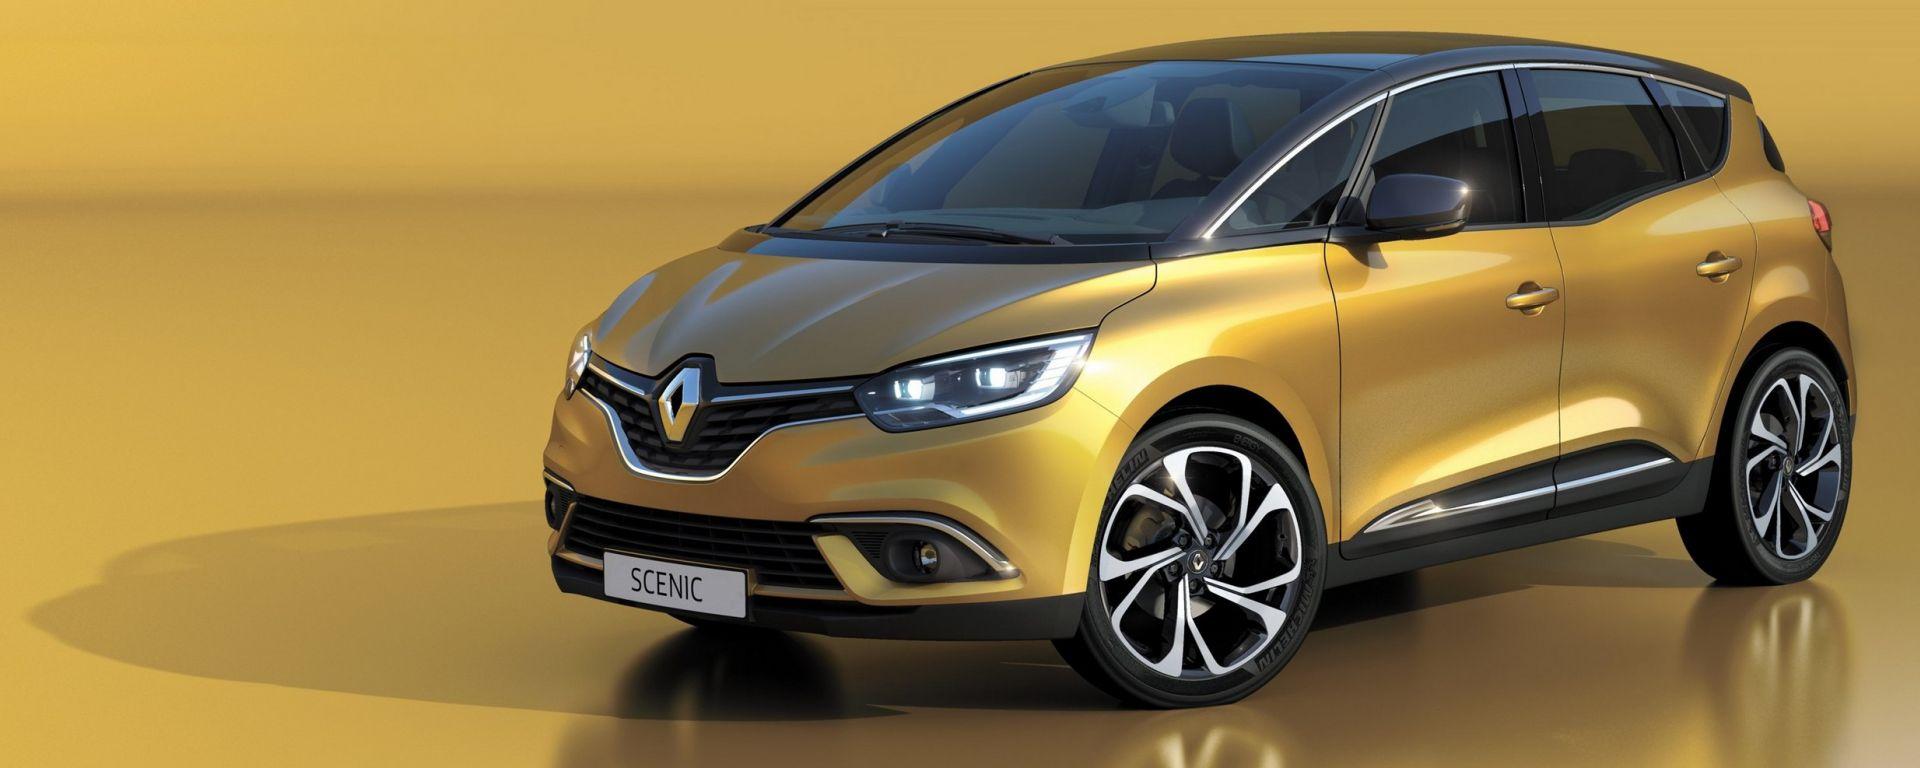 Renault Scénic: prezzi, allestimenti e dotazioni in dettaglio